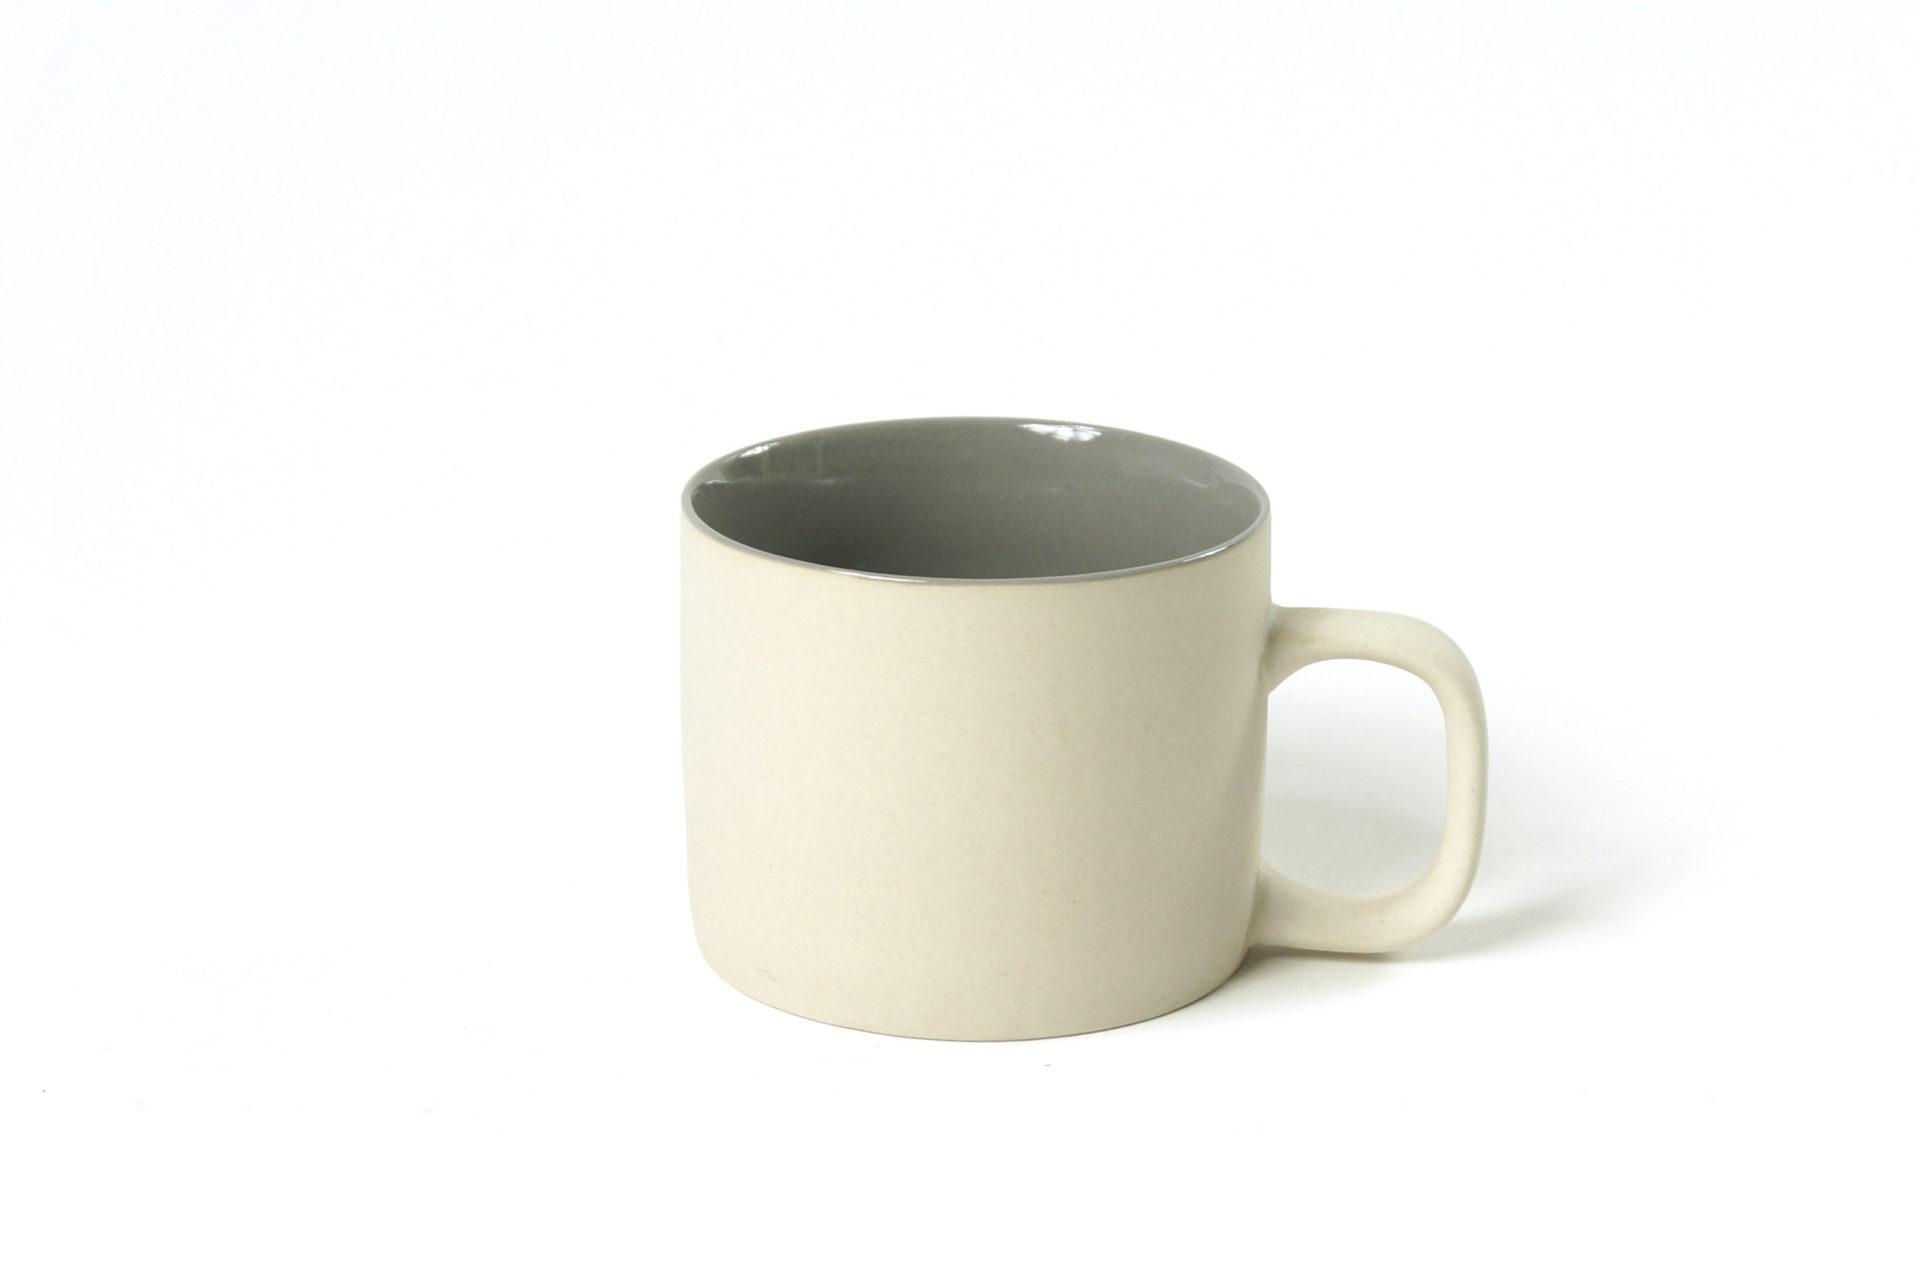 CYLカップ グレー(200ml)